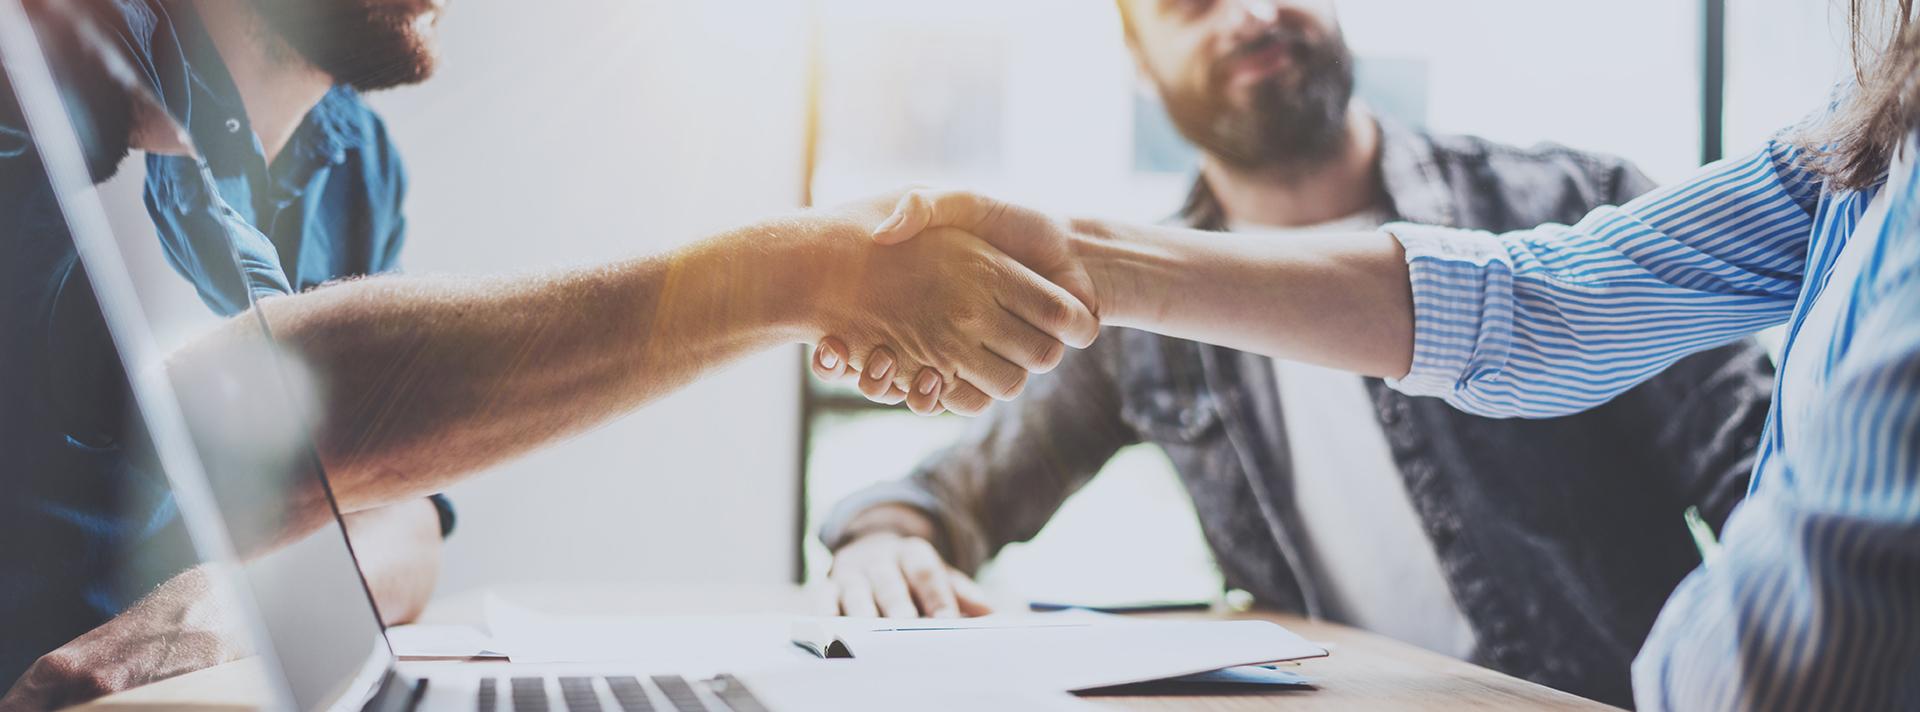 ISCA - partenariat de développement de projets informatiques